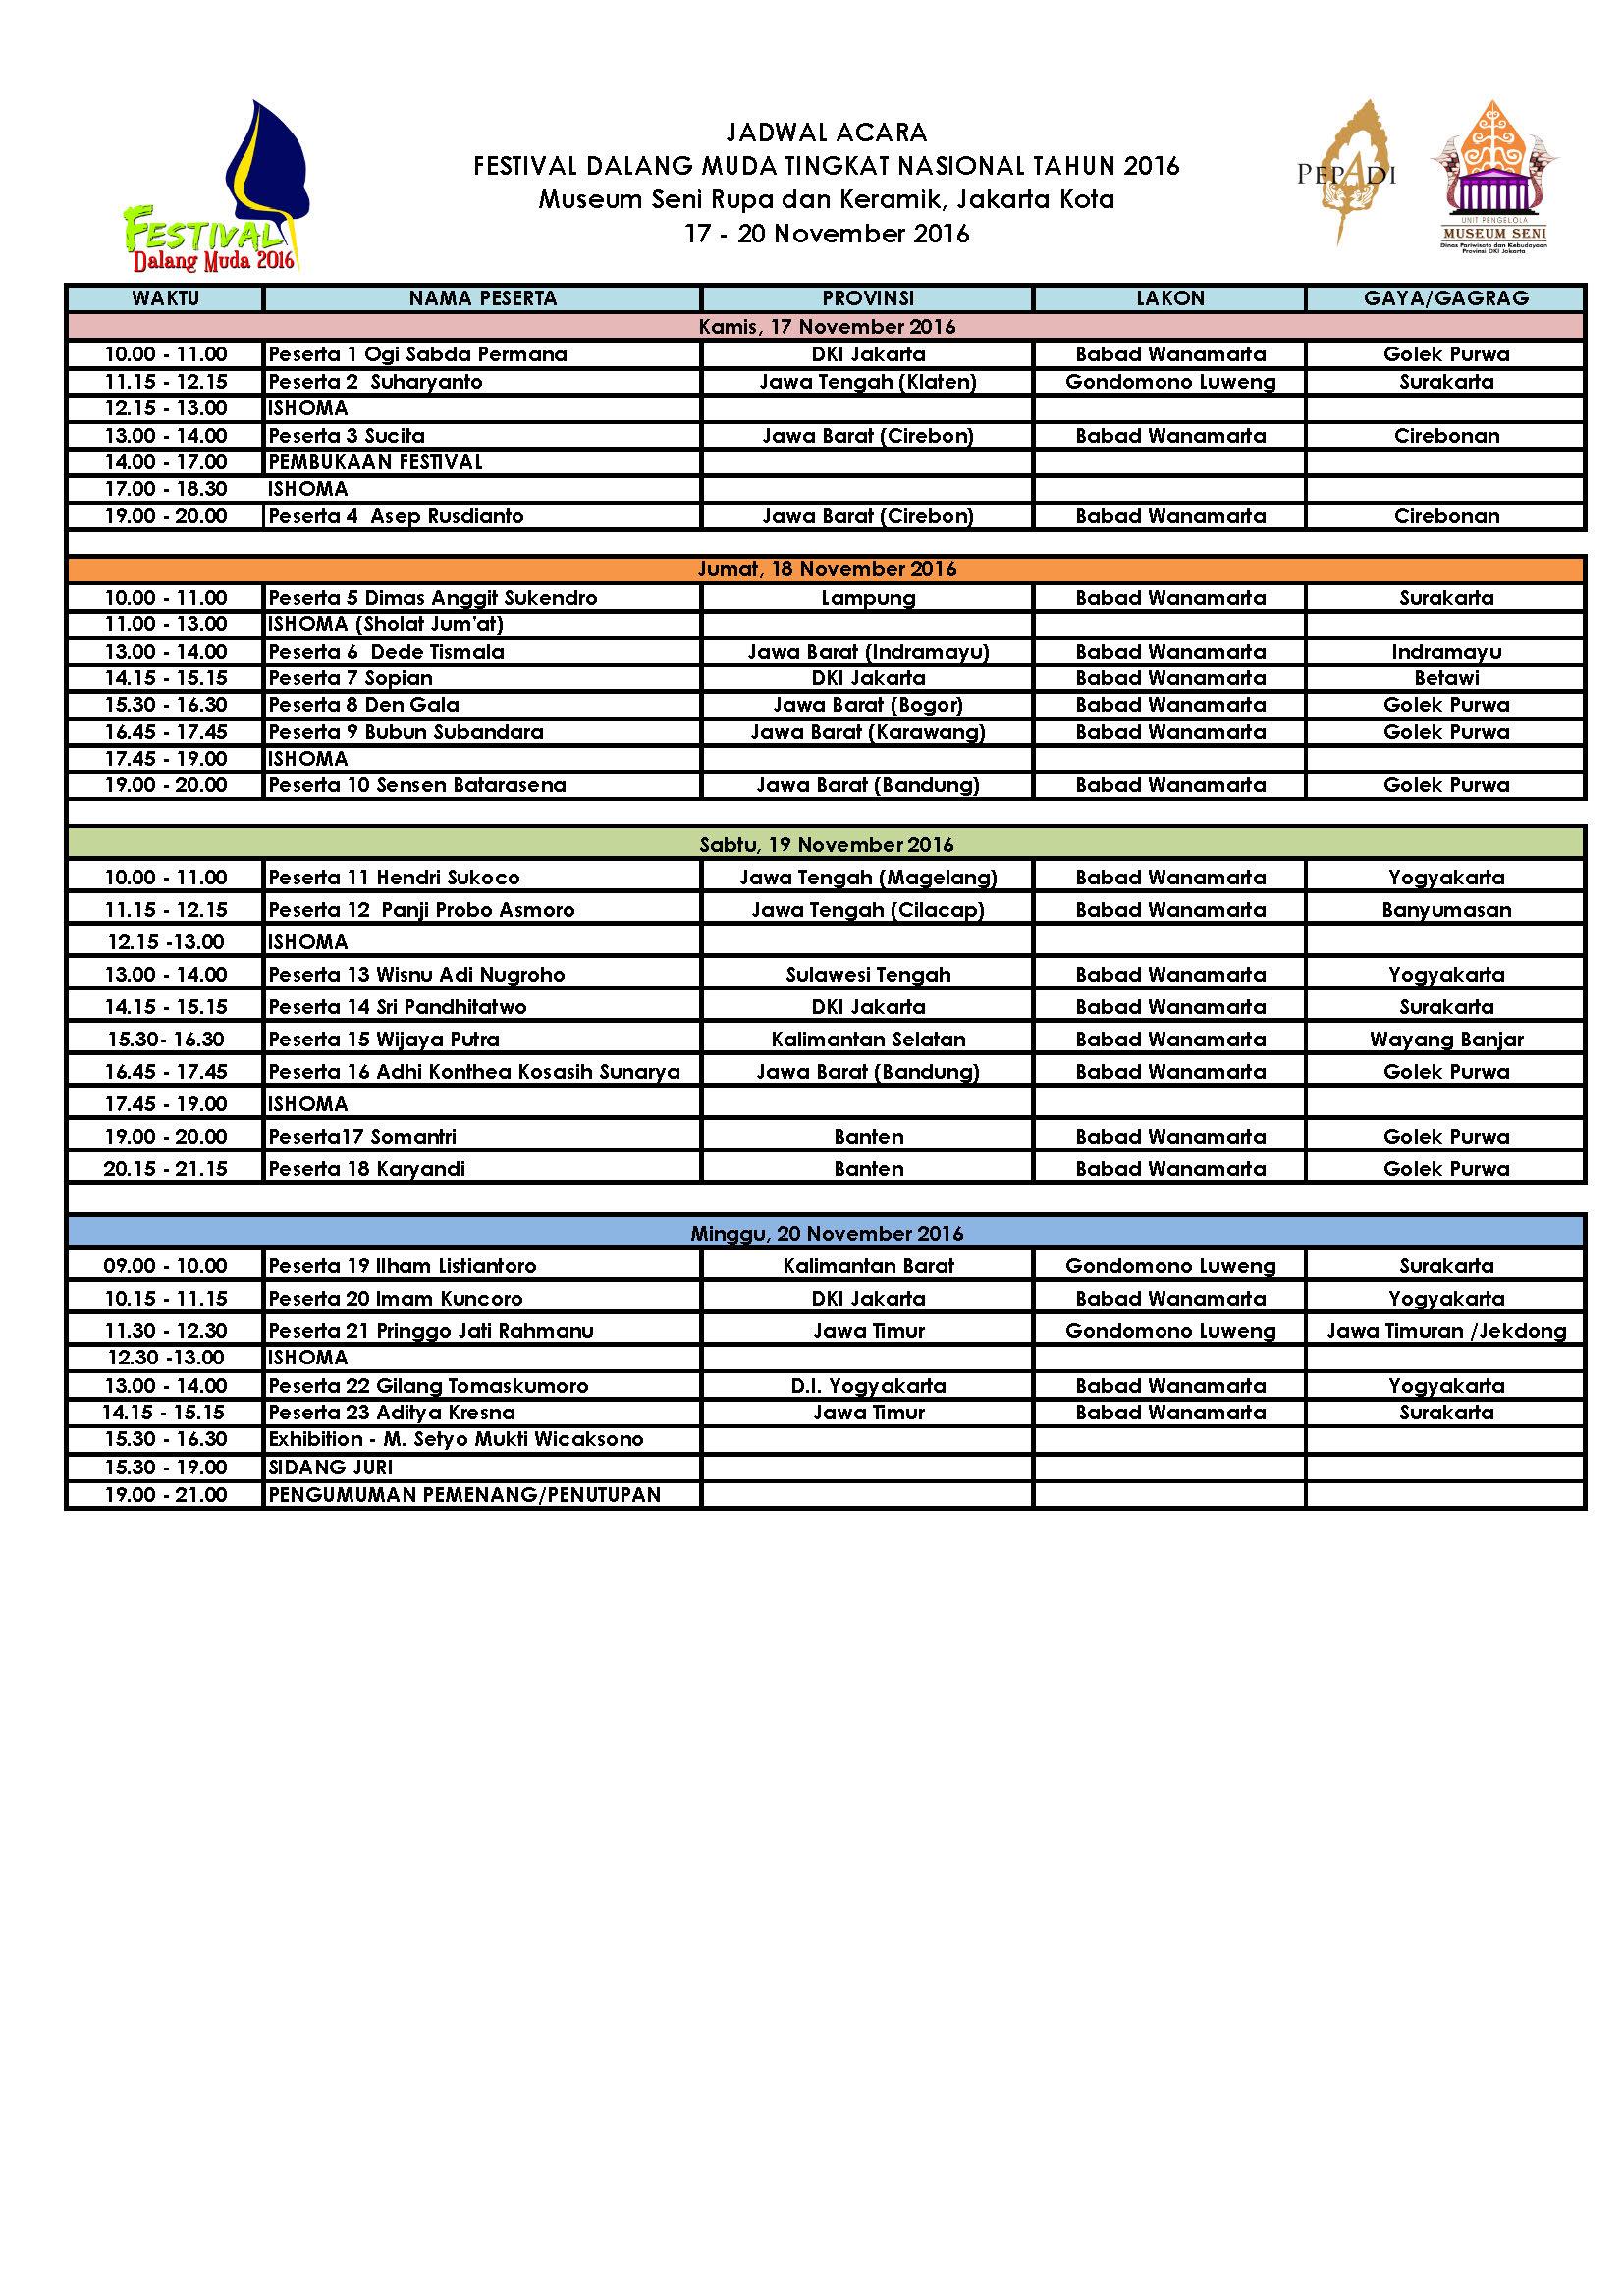 jadwal-dalang-muda-2016